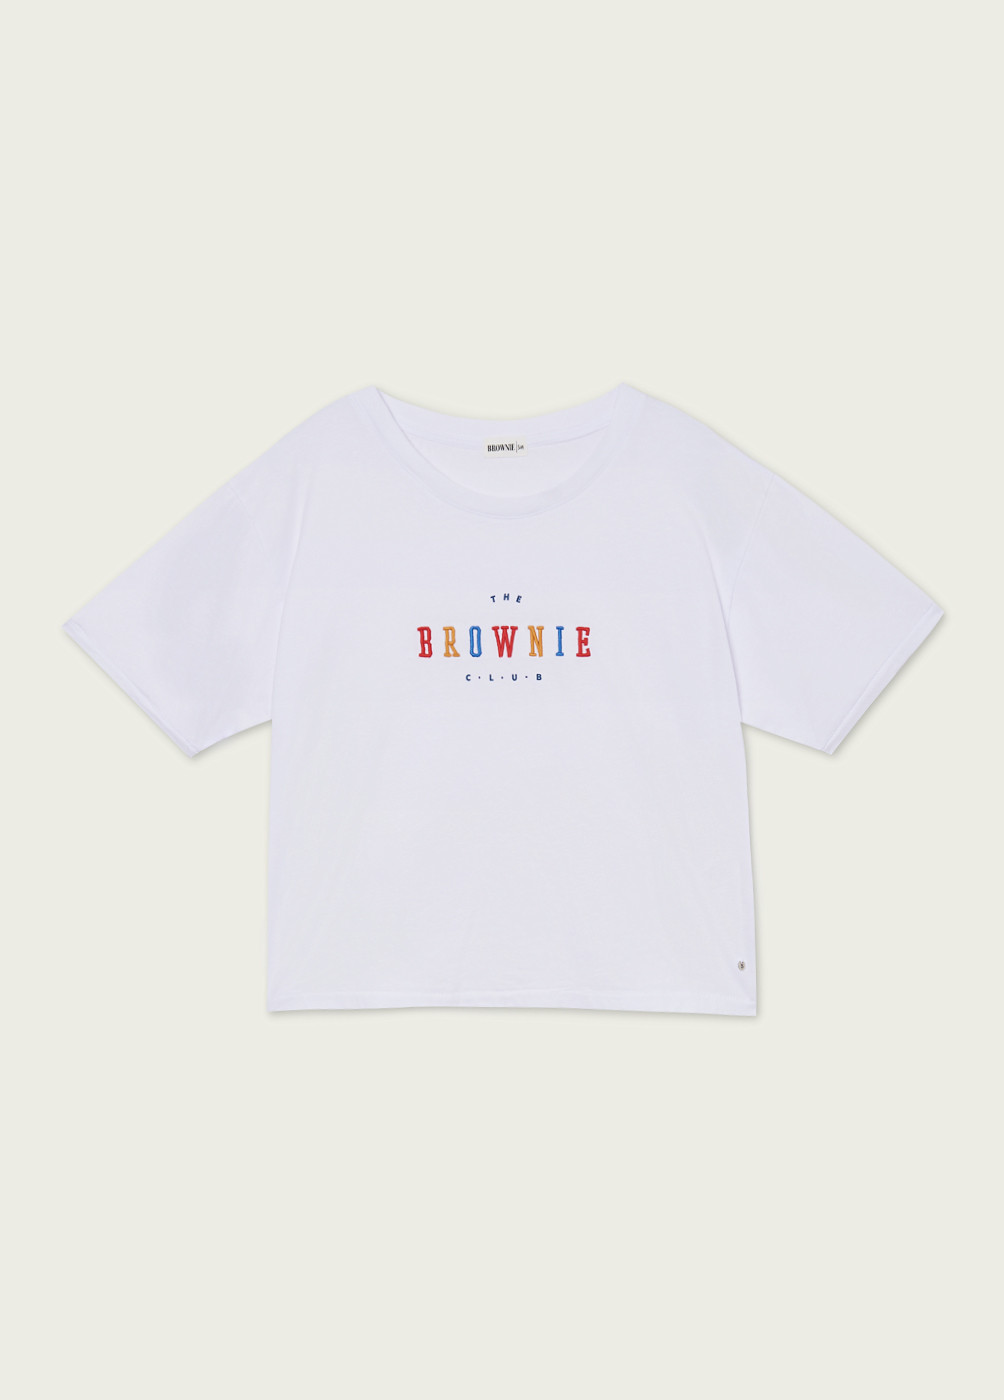 Camiseta Colours Brownie Bordado